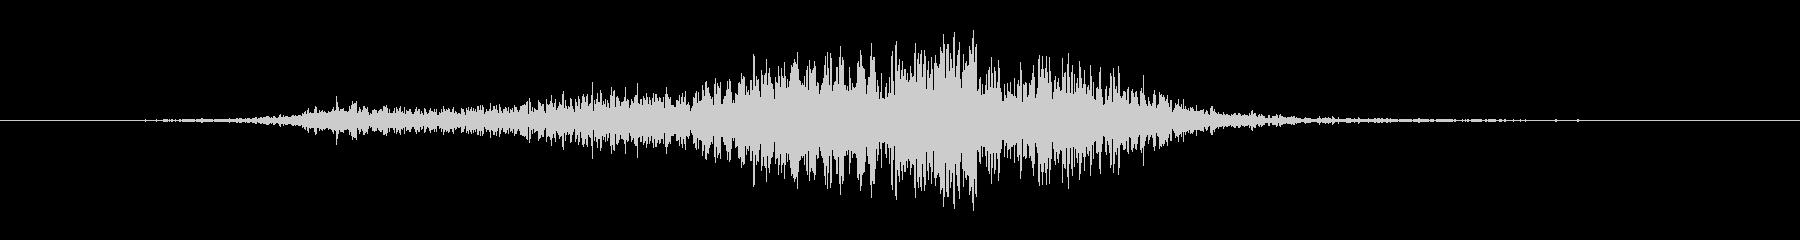 ホロー・スクリーチング・フーシュ5の未再生の波形